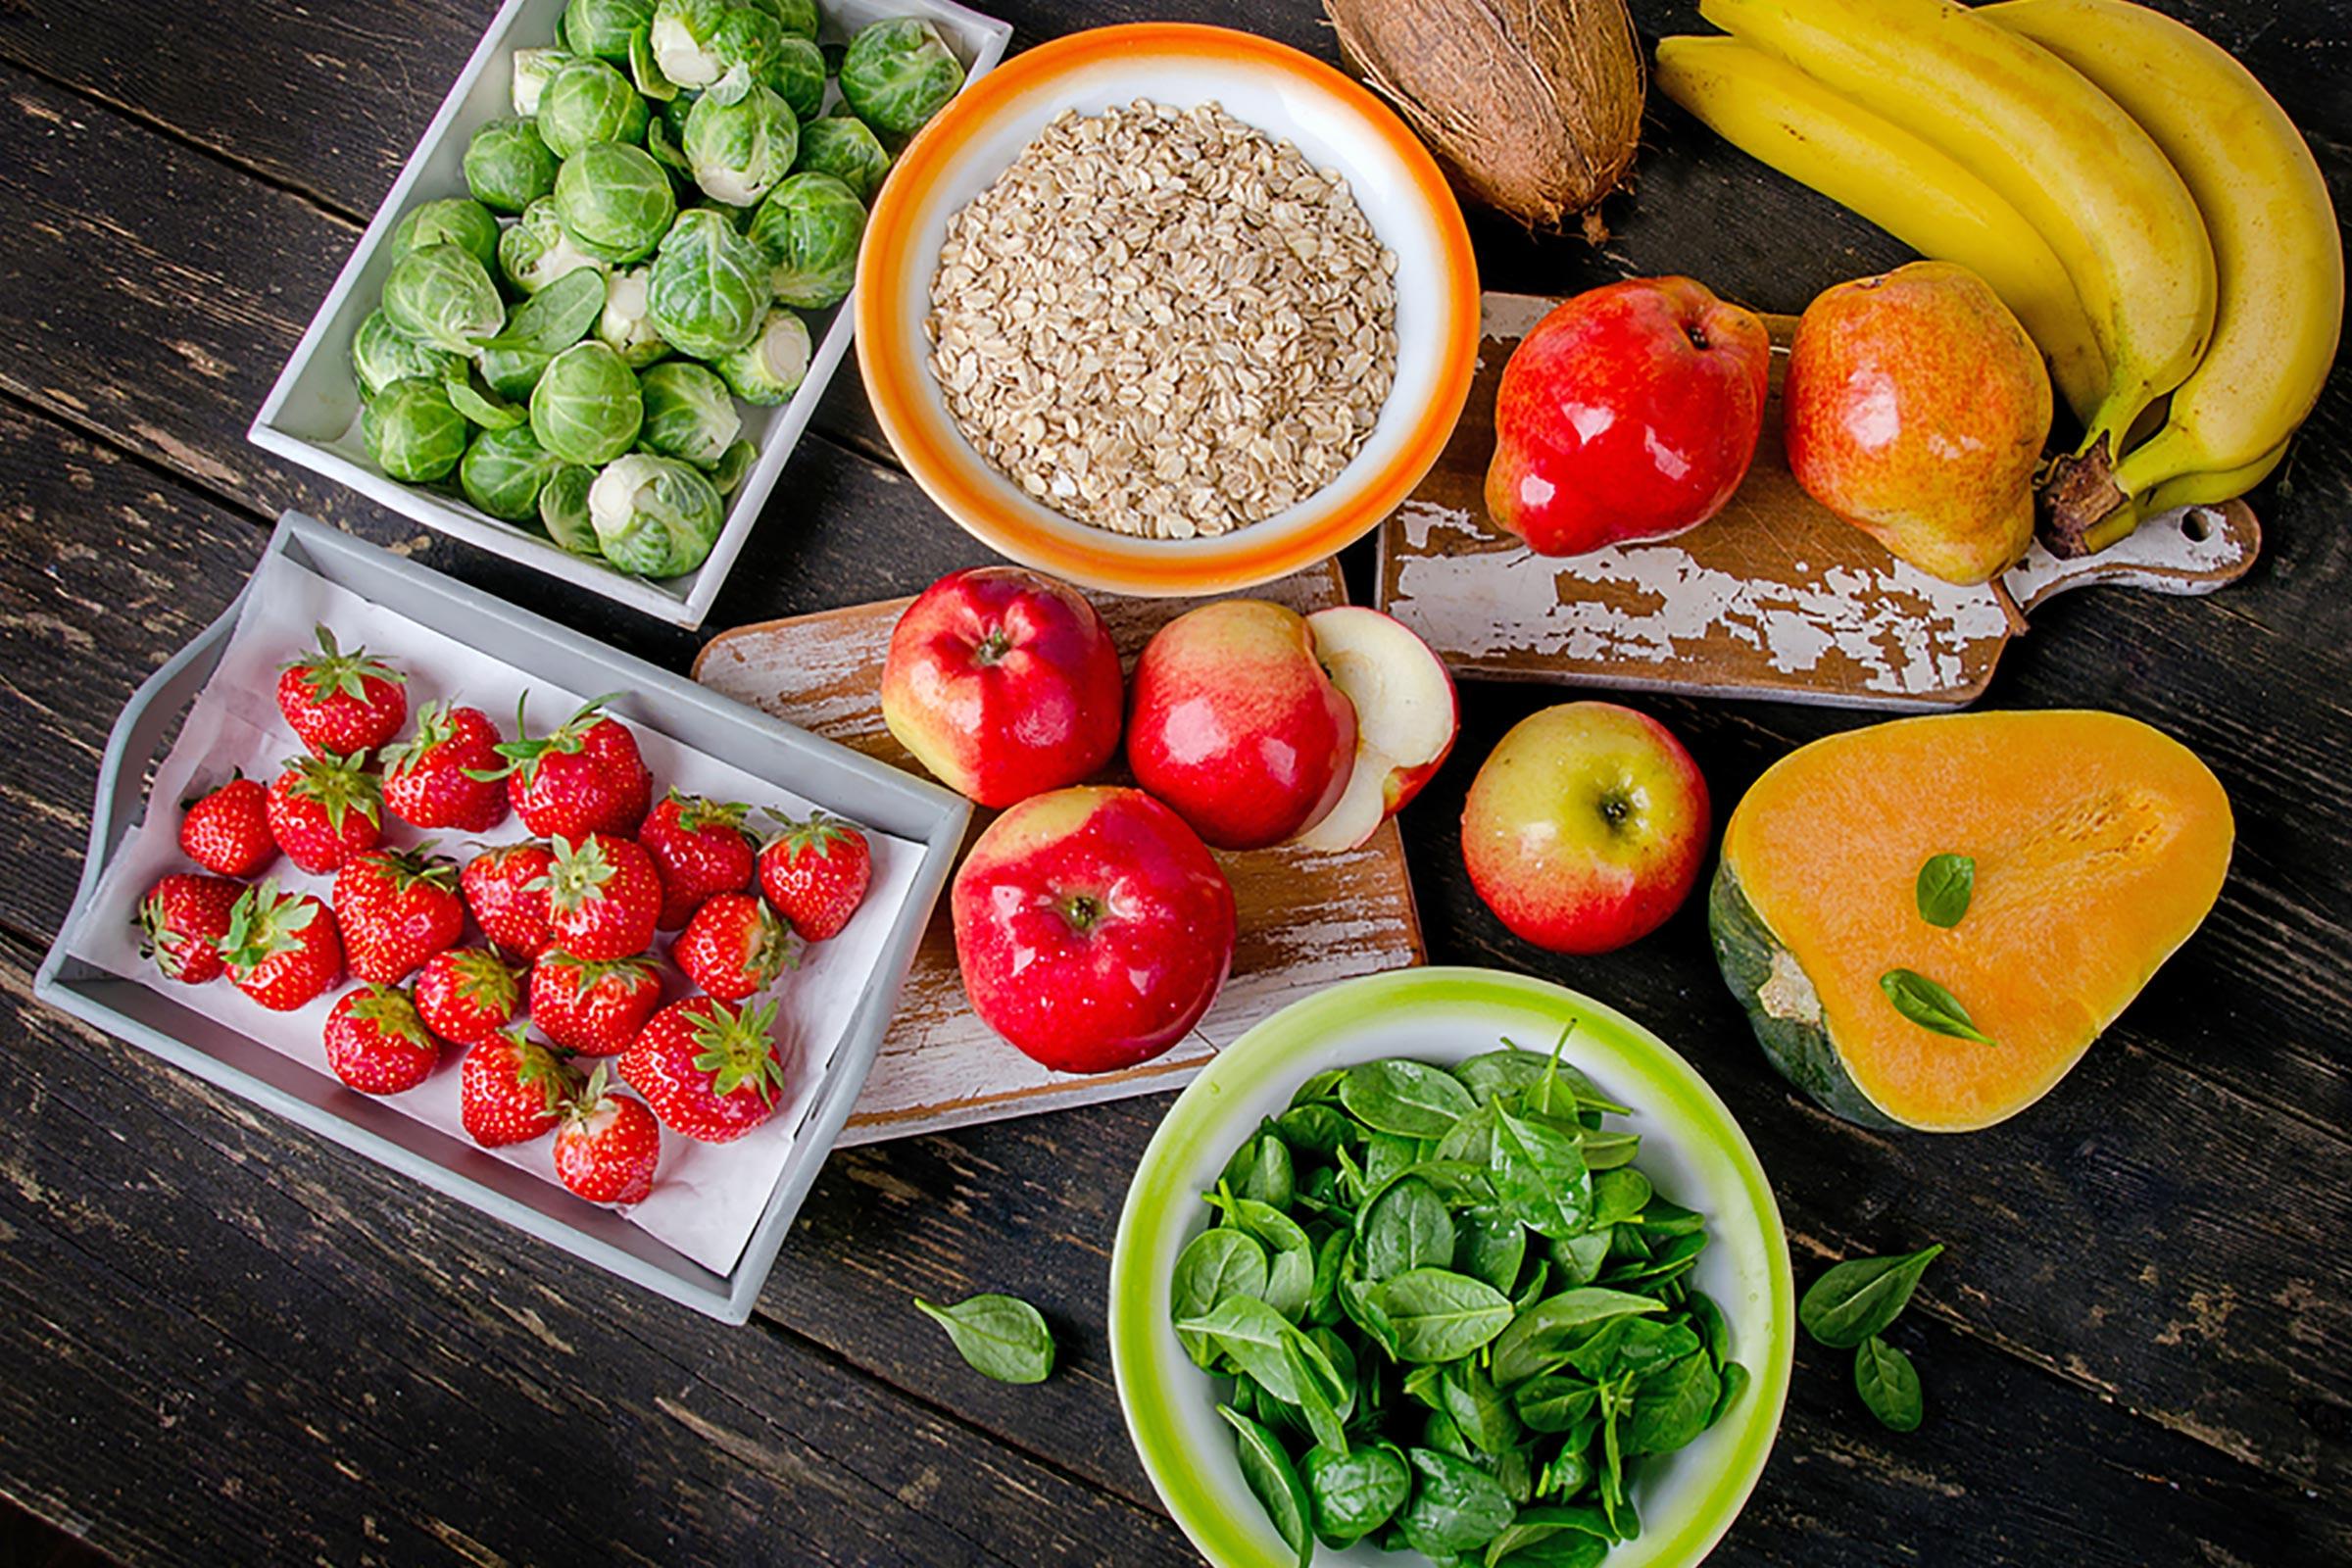 مواد غذایی حاوی ملین طبیعی در طب سنتی